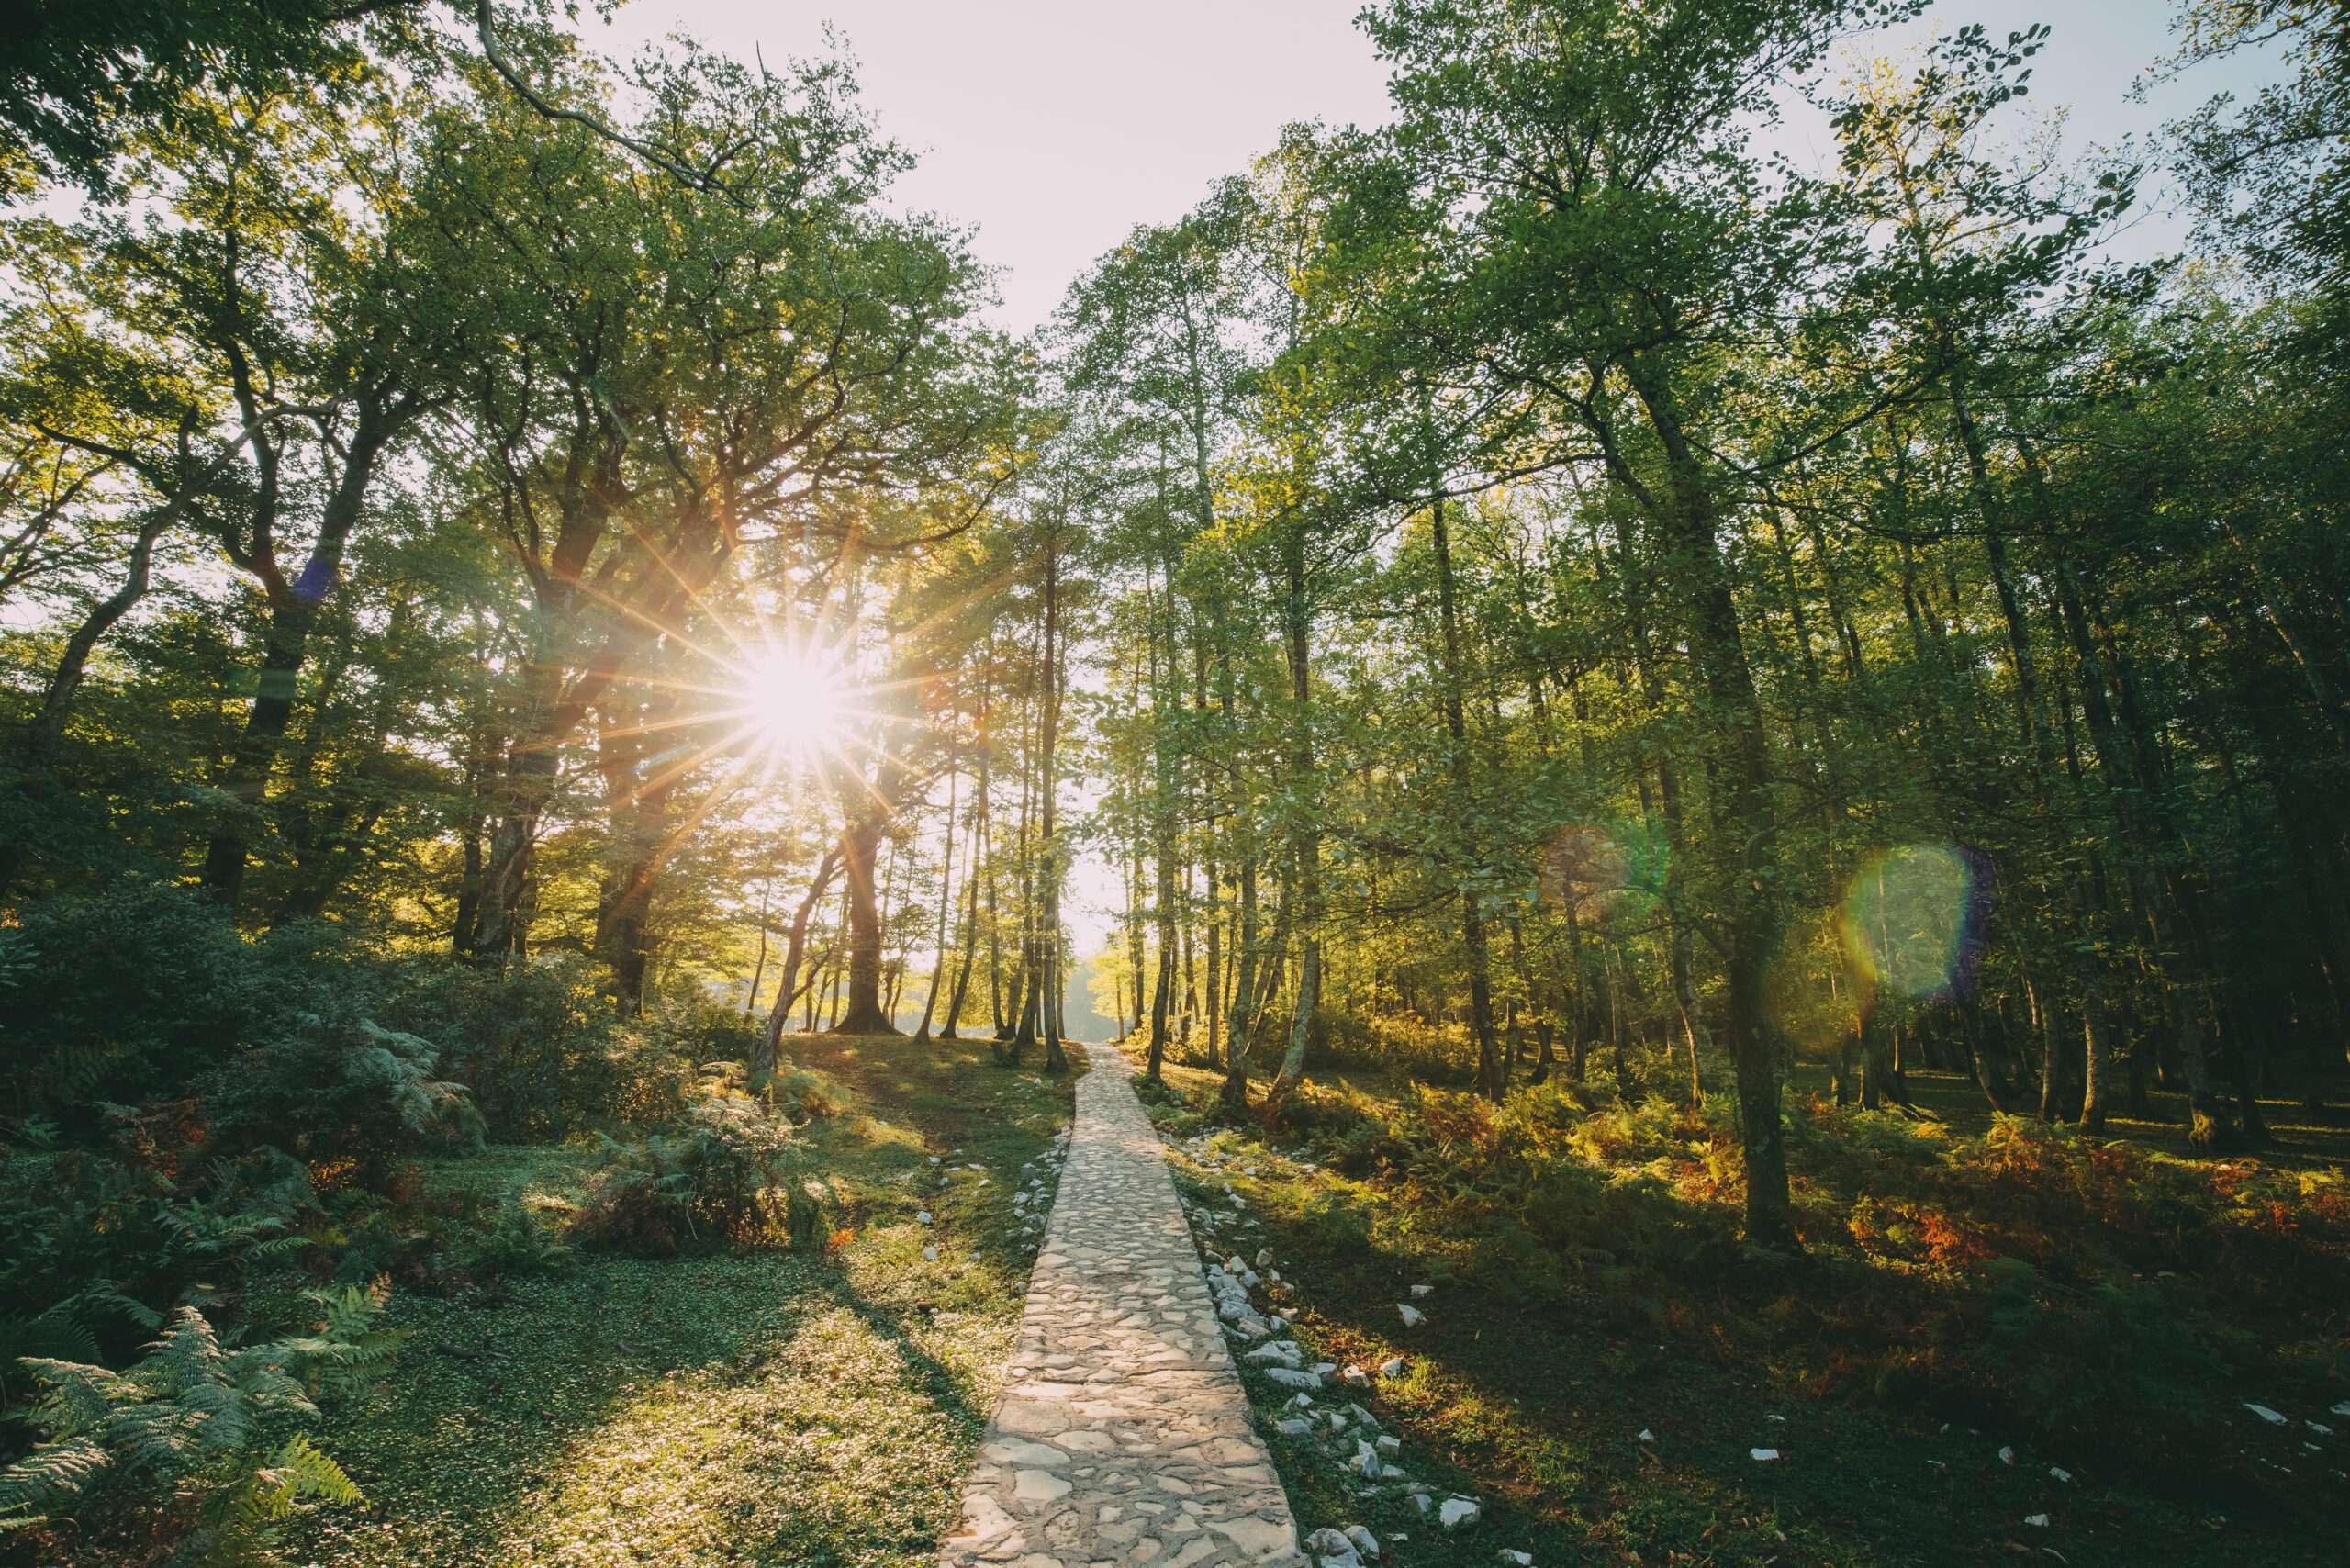 Ein Weg aus weißen Brettern der durch einen Laubwald verläuft, die Sonne scheint durch die Äste.